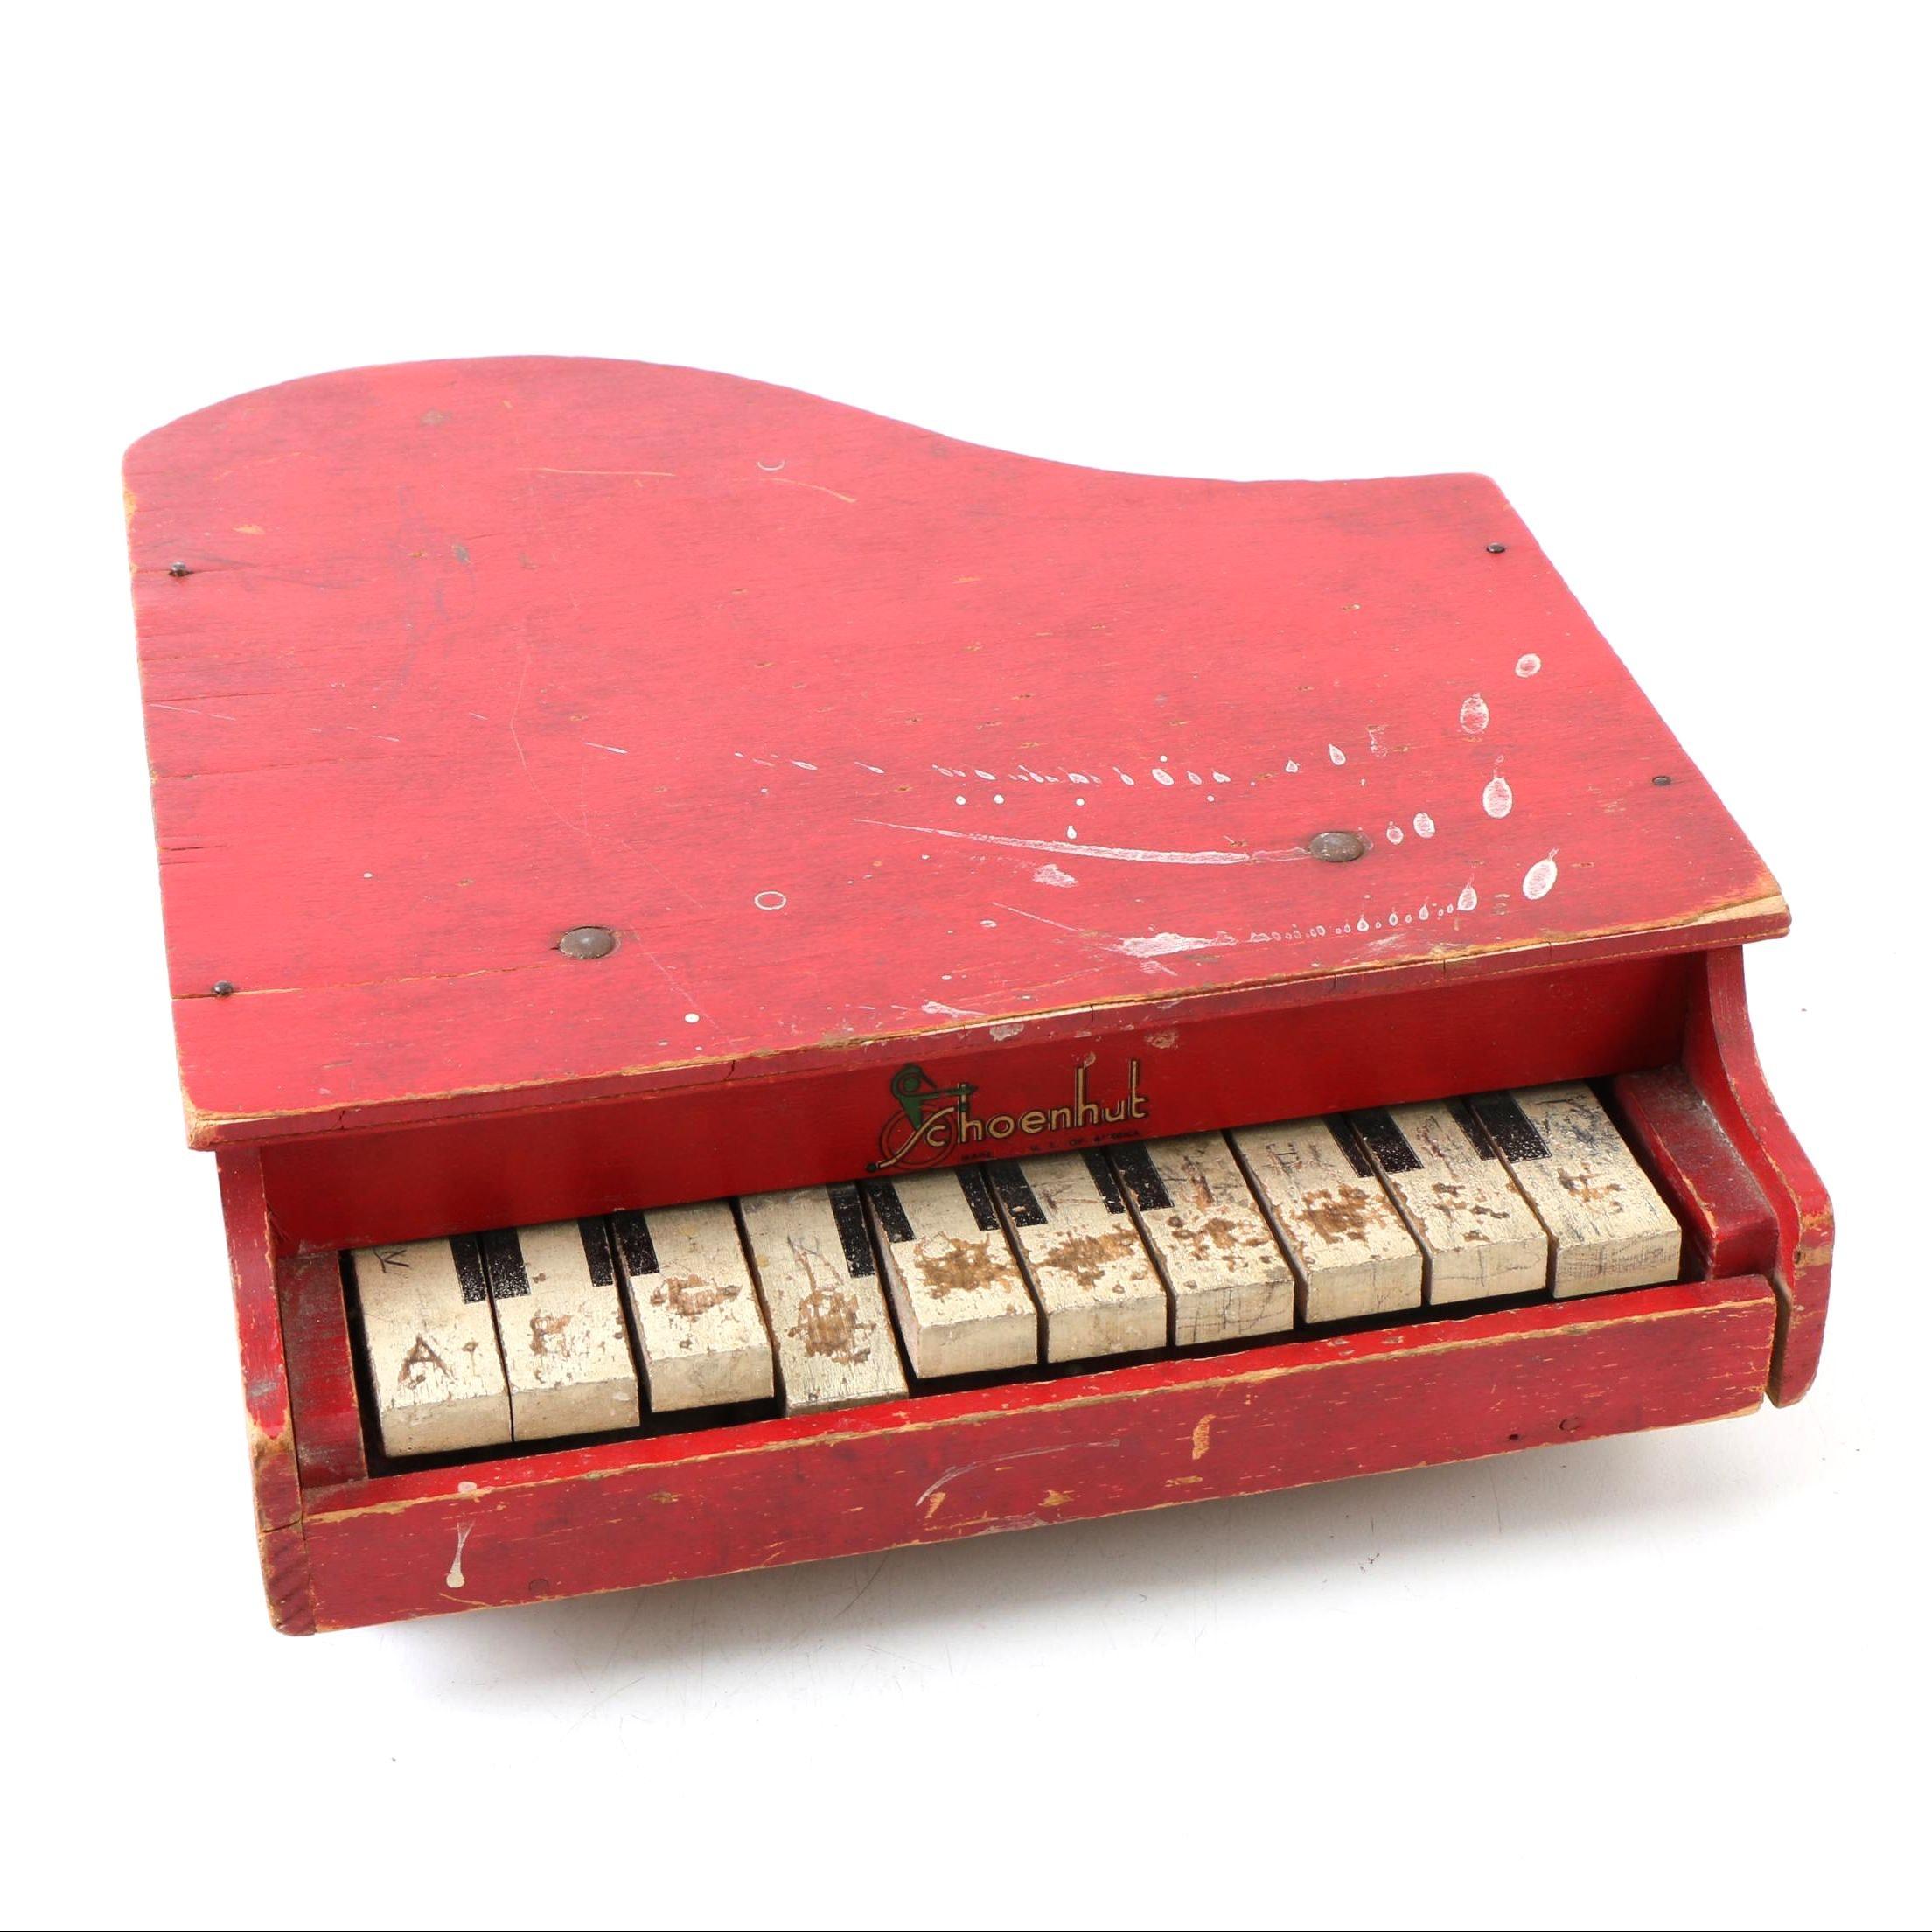 Vintage Schoenhut Chldren's Piano